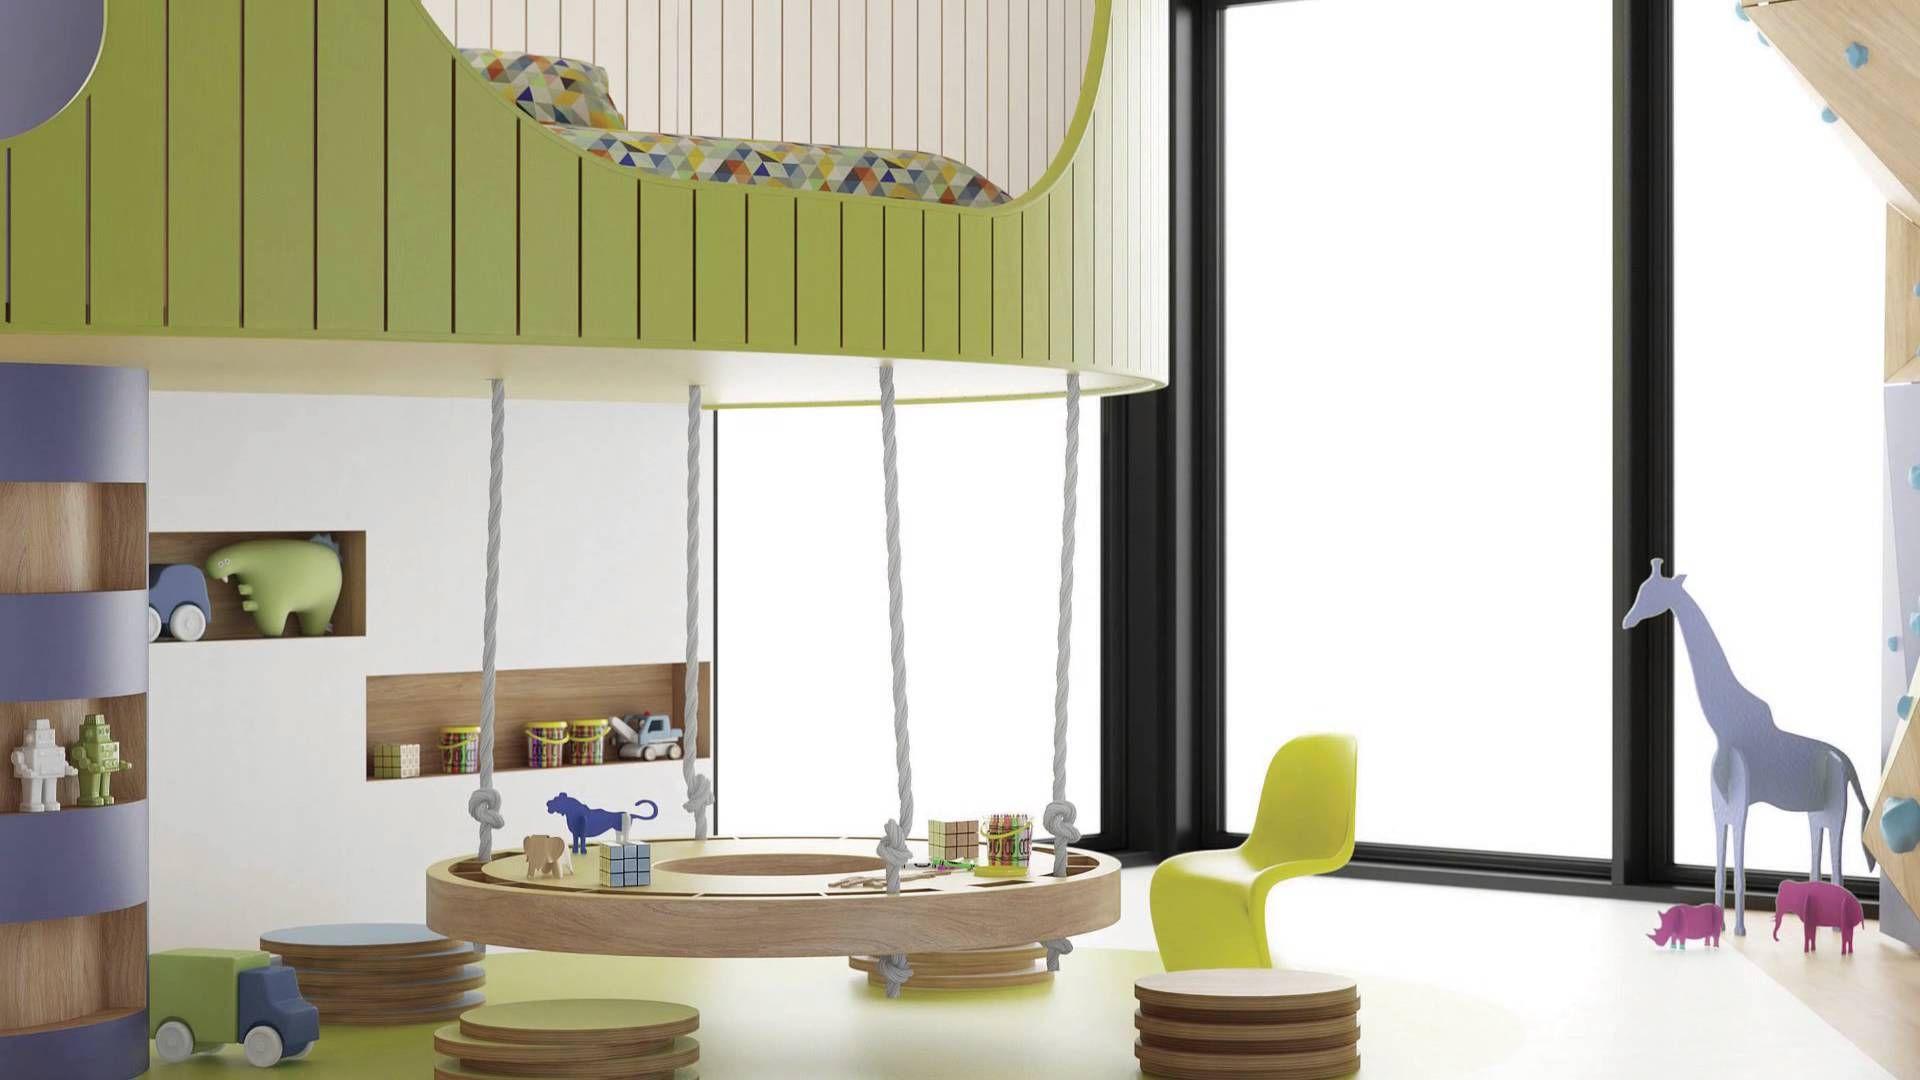 Gemütlich Farbtrends Küchenwand 2015 Ideen - Ideen Für Die Küche ...